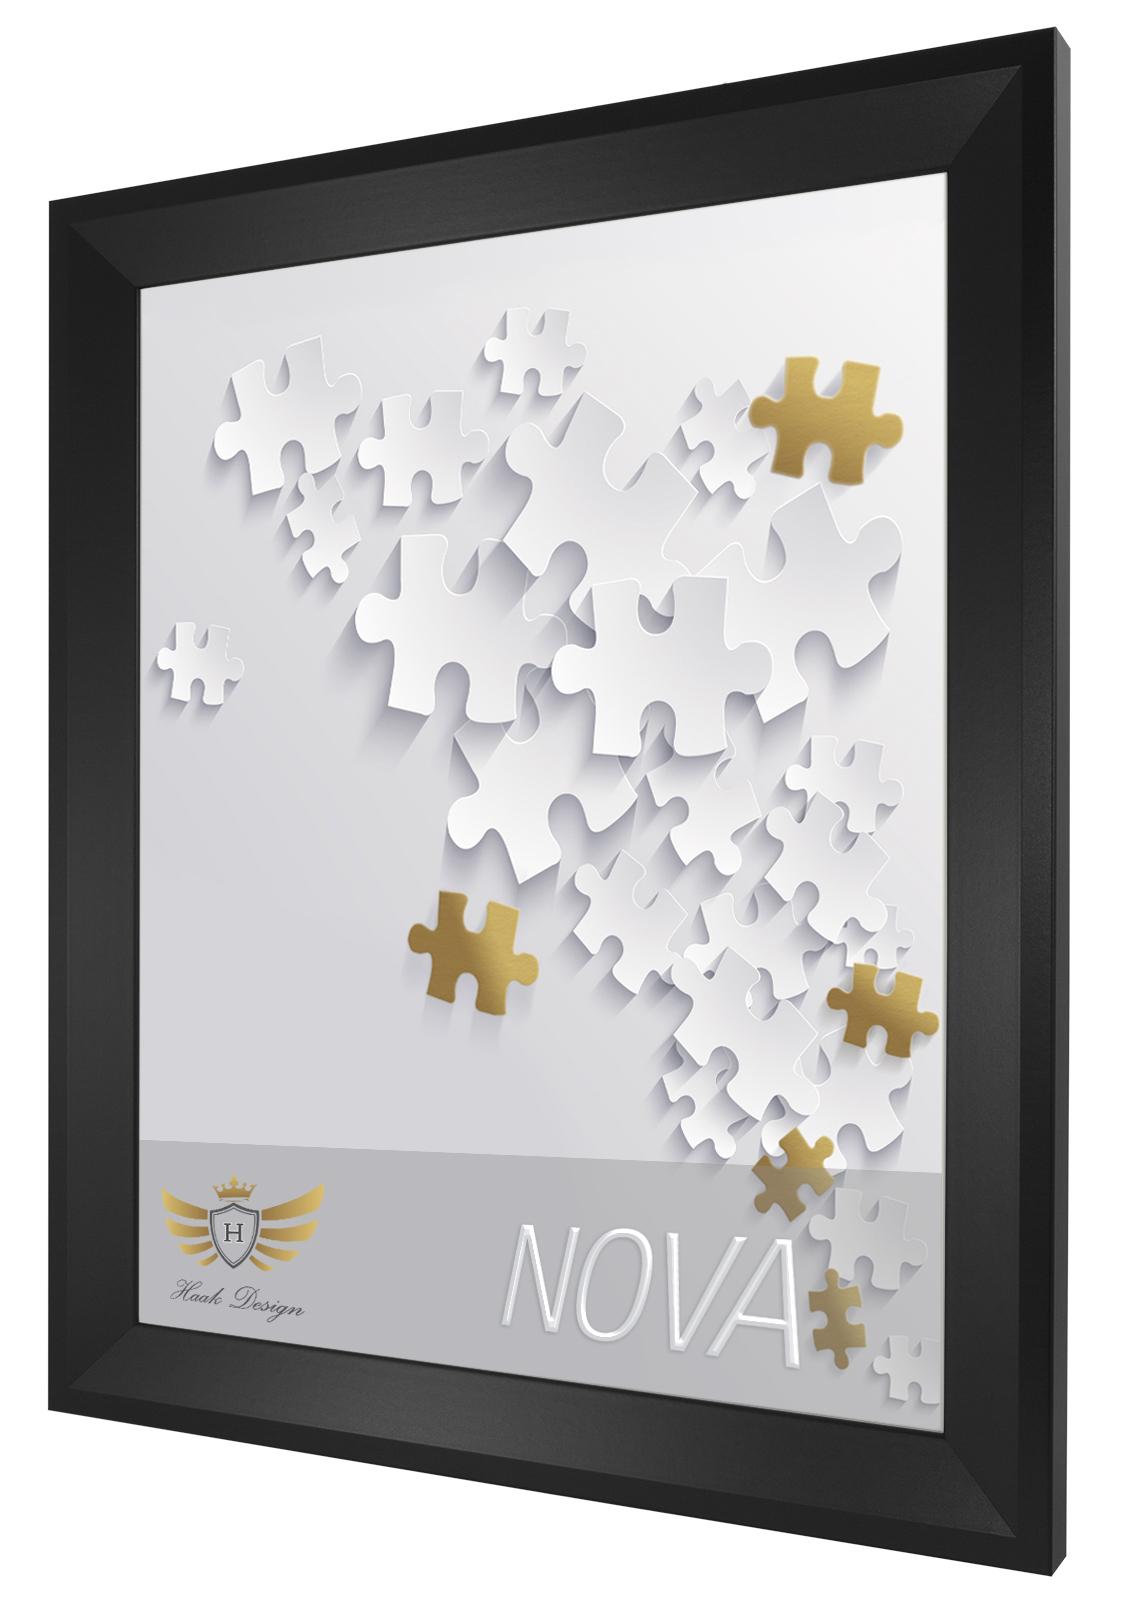 Puzzlerahmen NOVA 37,5x98 98x37,5 Bilderrahmen 10 Farben Rahmen ...